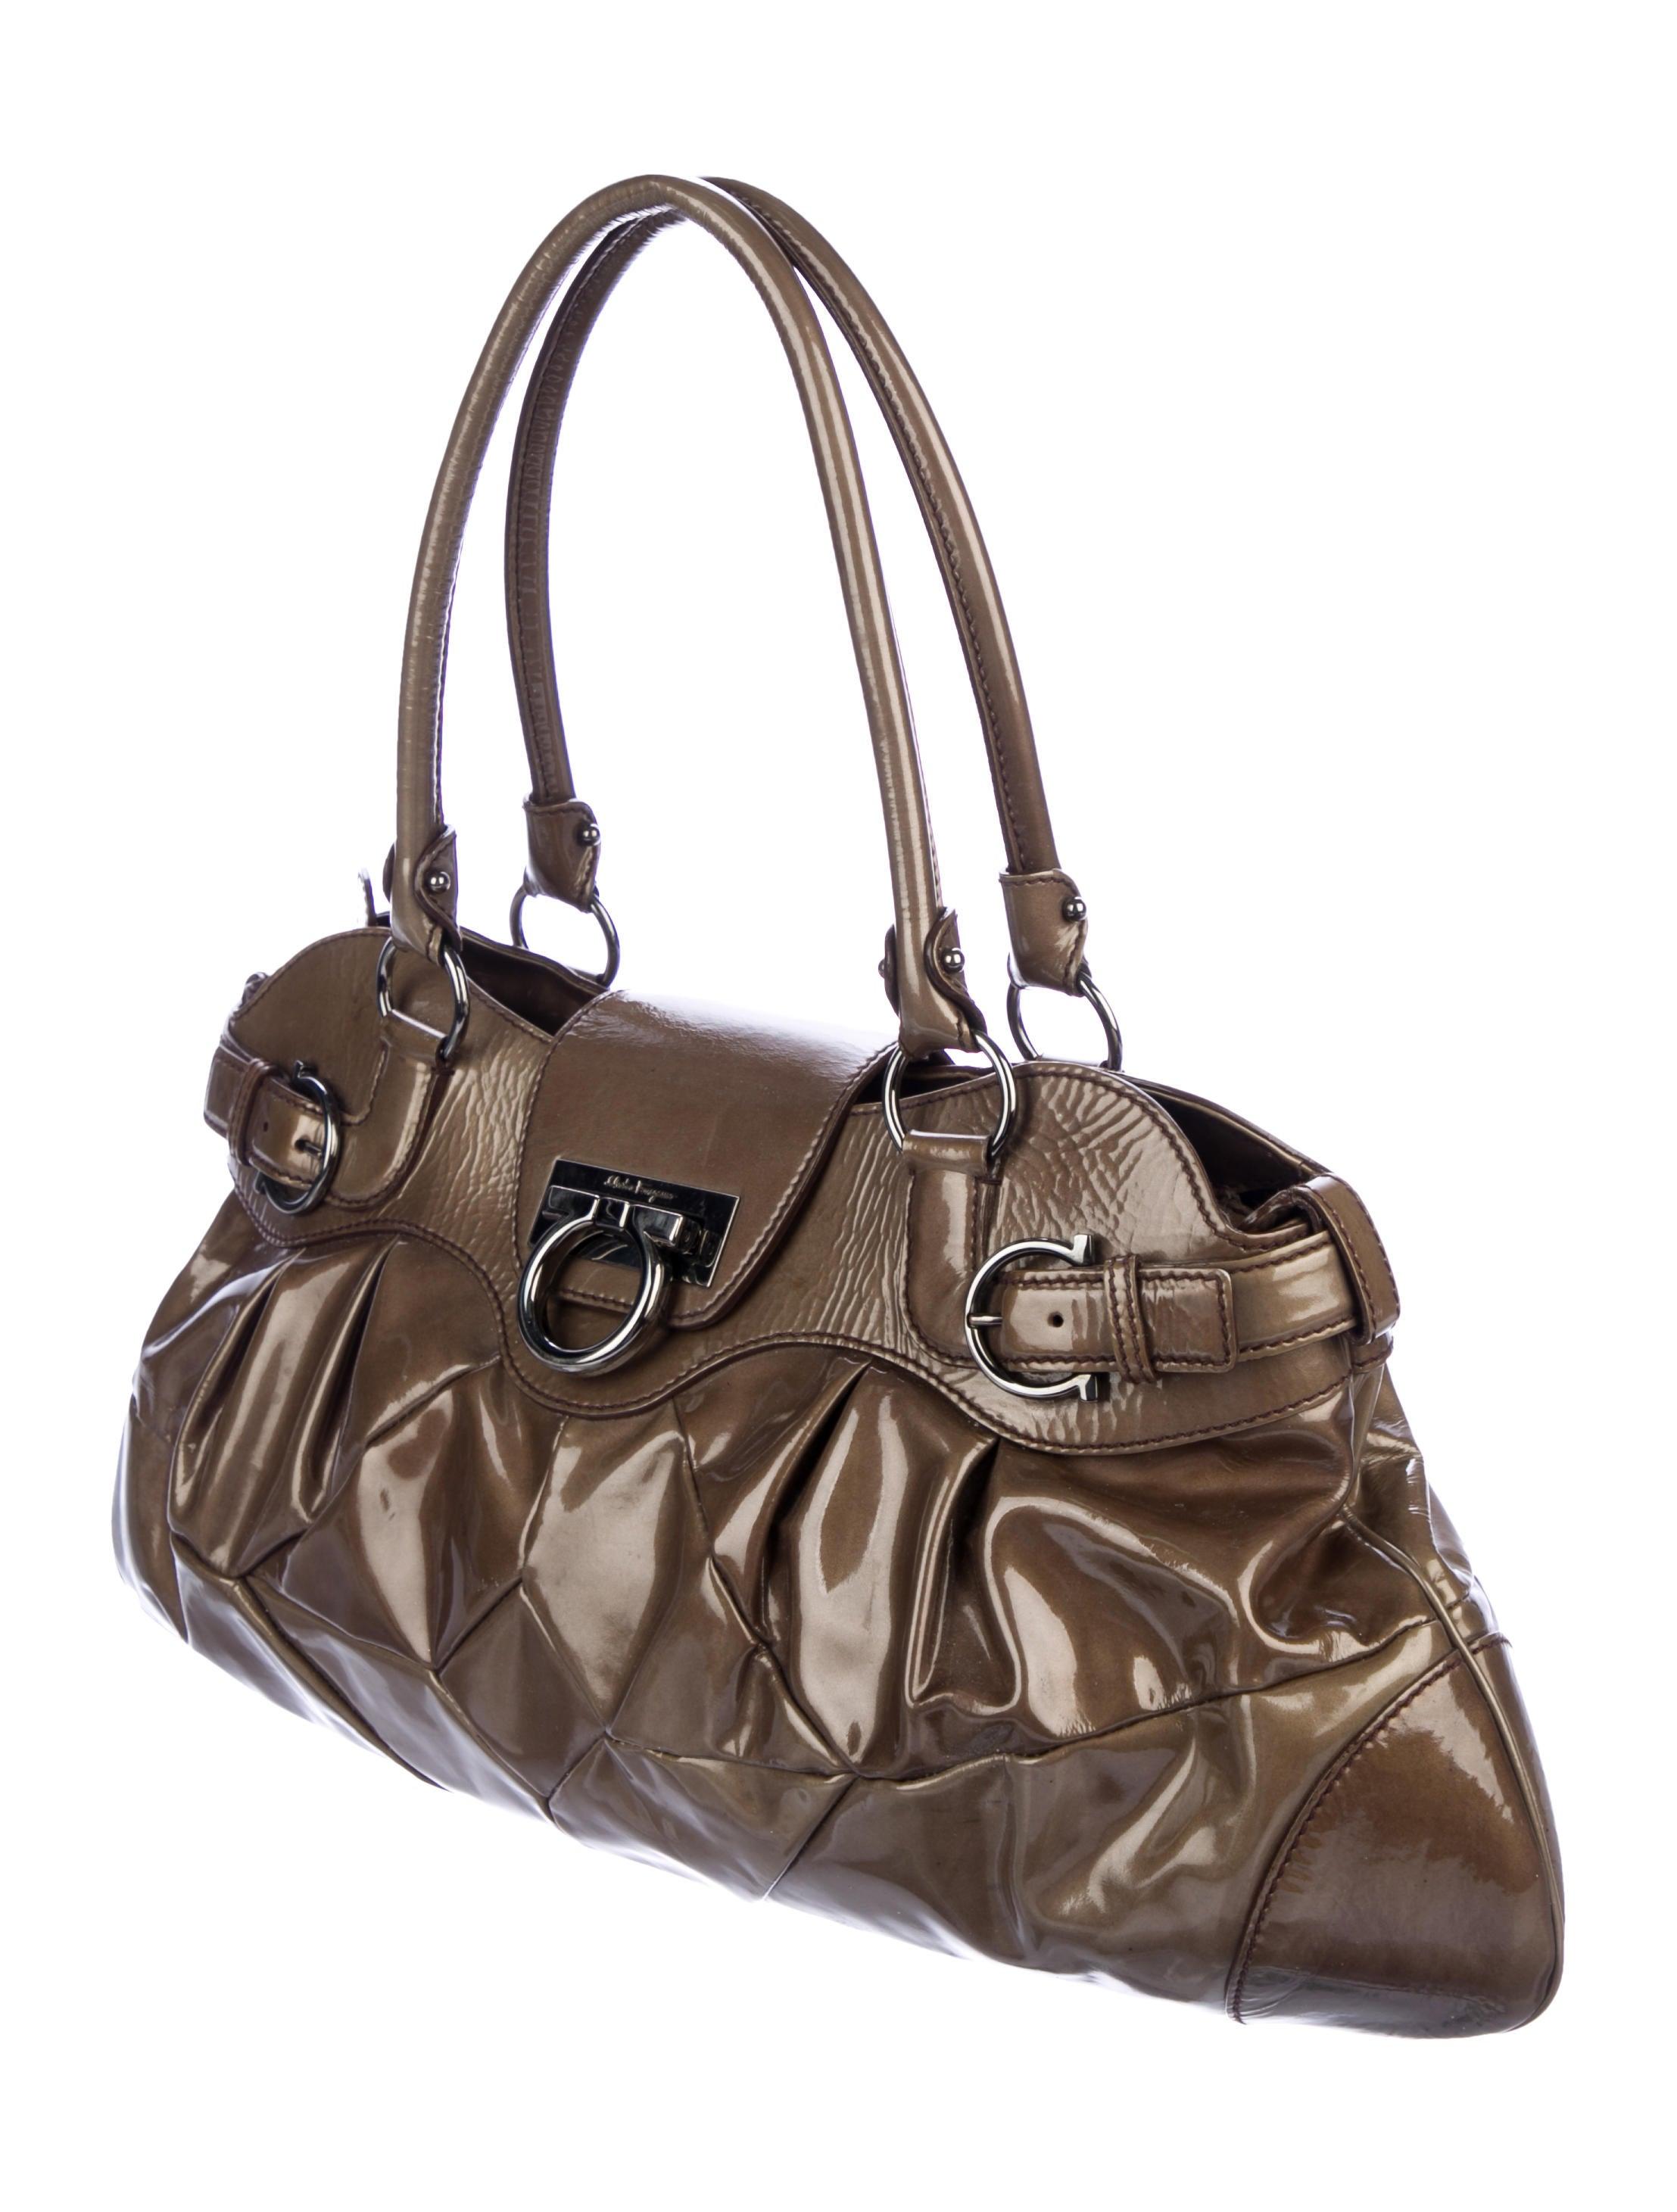 d700059ba883 ... Bag Limited Ferragamo Patent Leather Shoulder Salvatore Edition YHxppw  ...